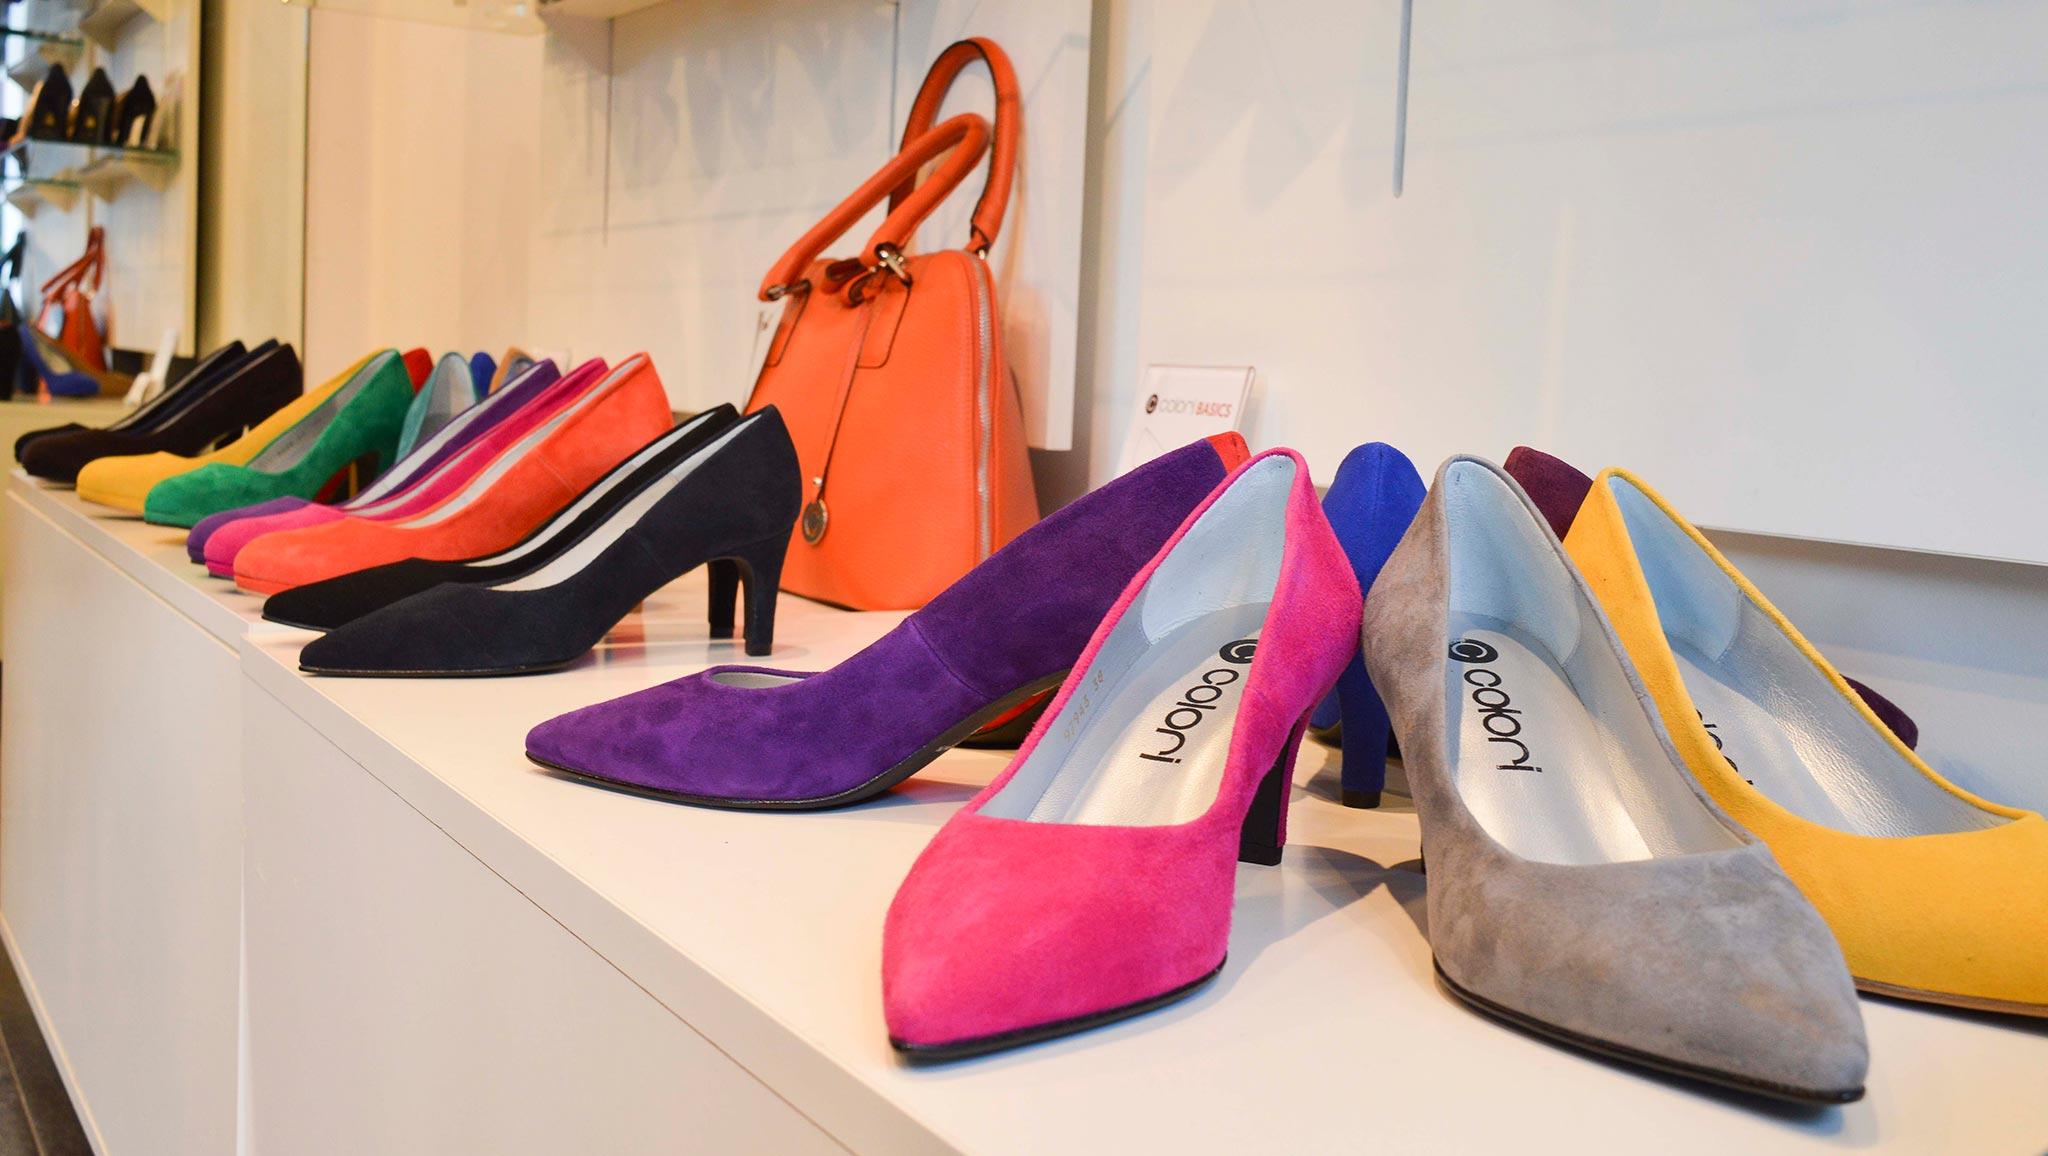 Hedendaags Colori Shoes gaat voor de omnichannel oplossing van Lightspeed PR-56